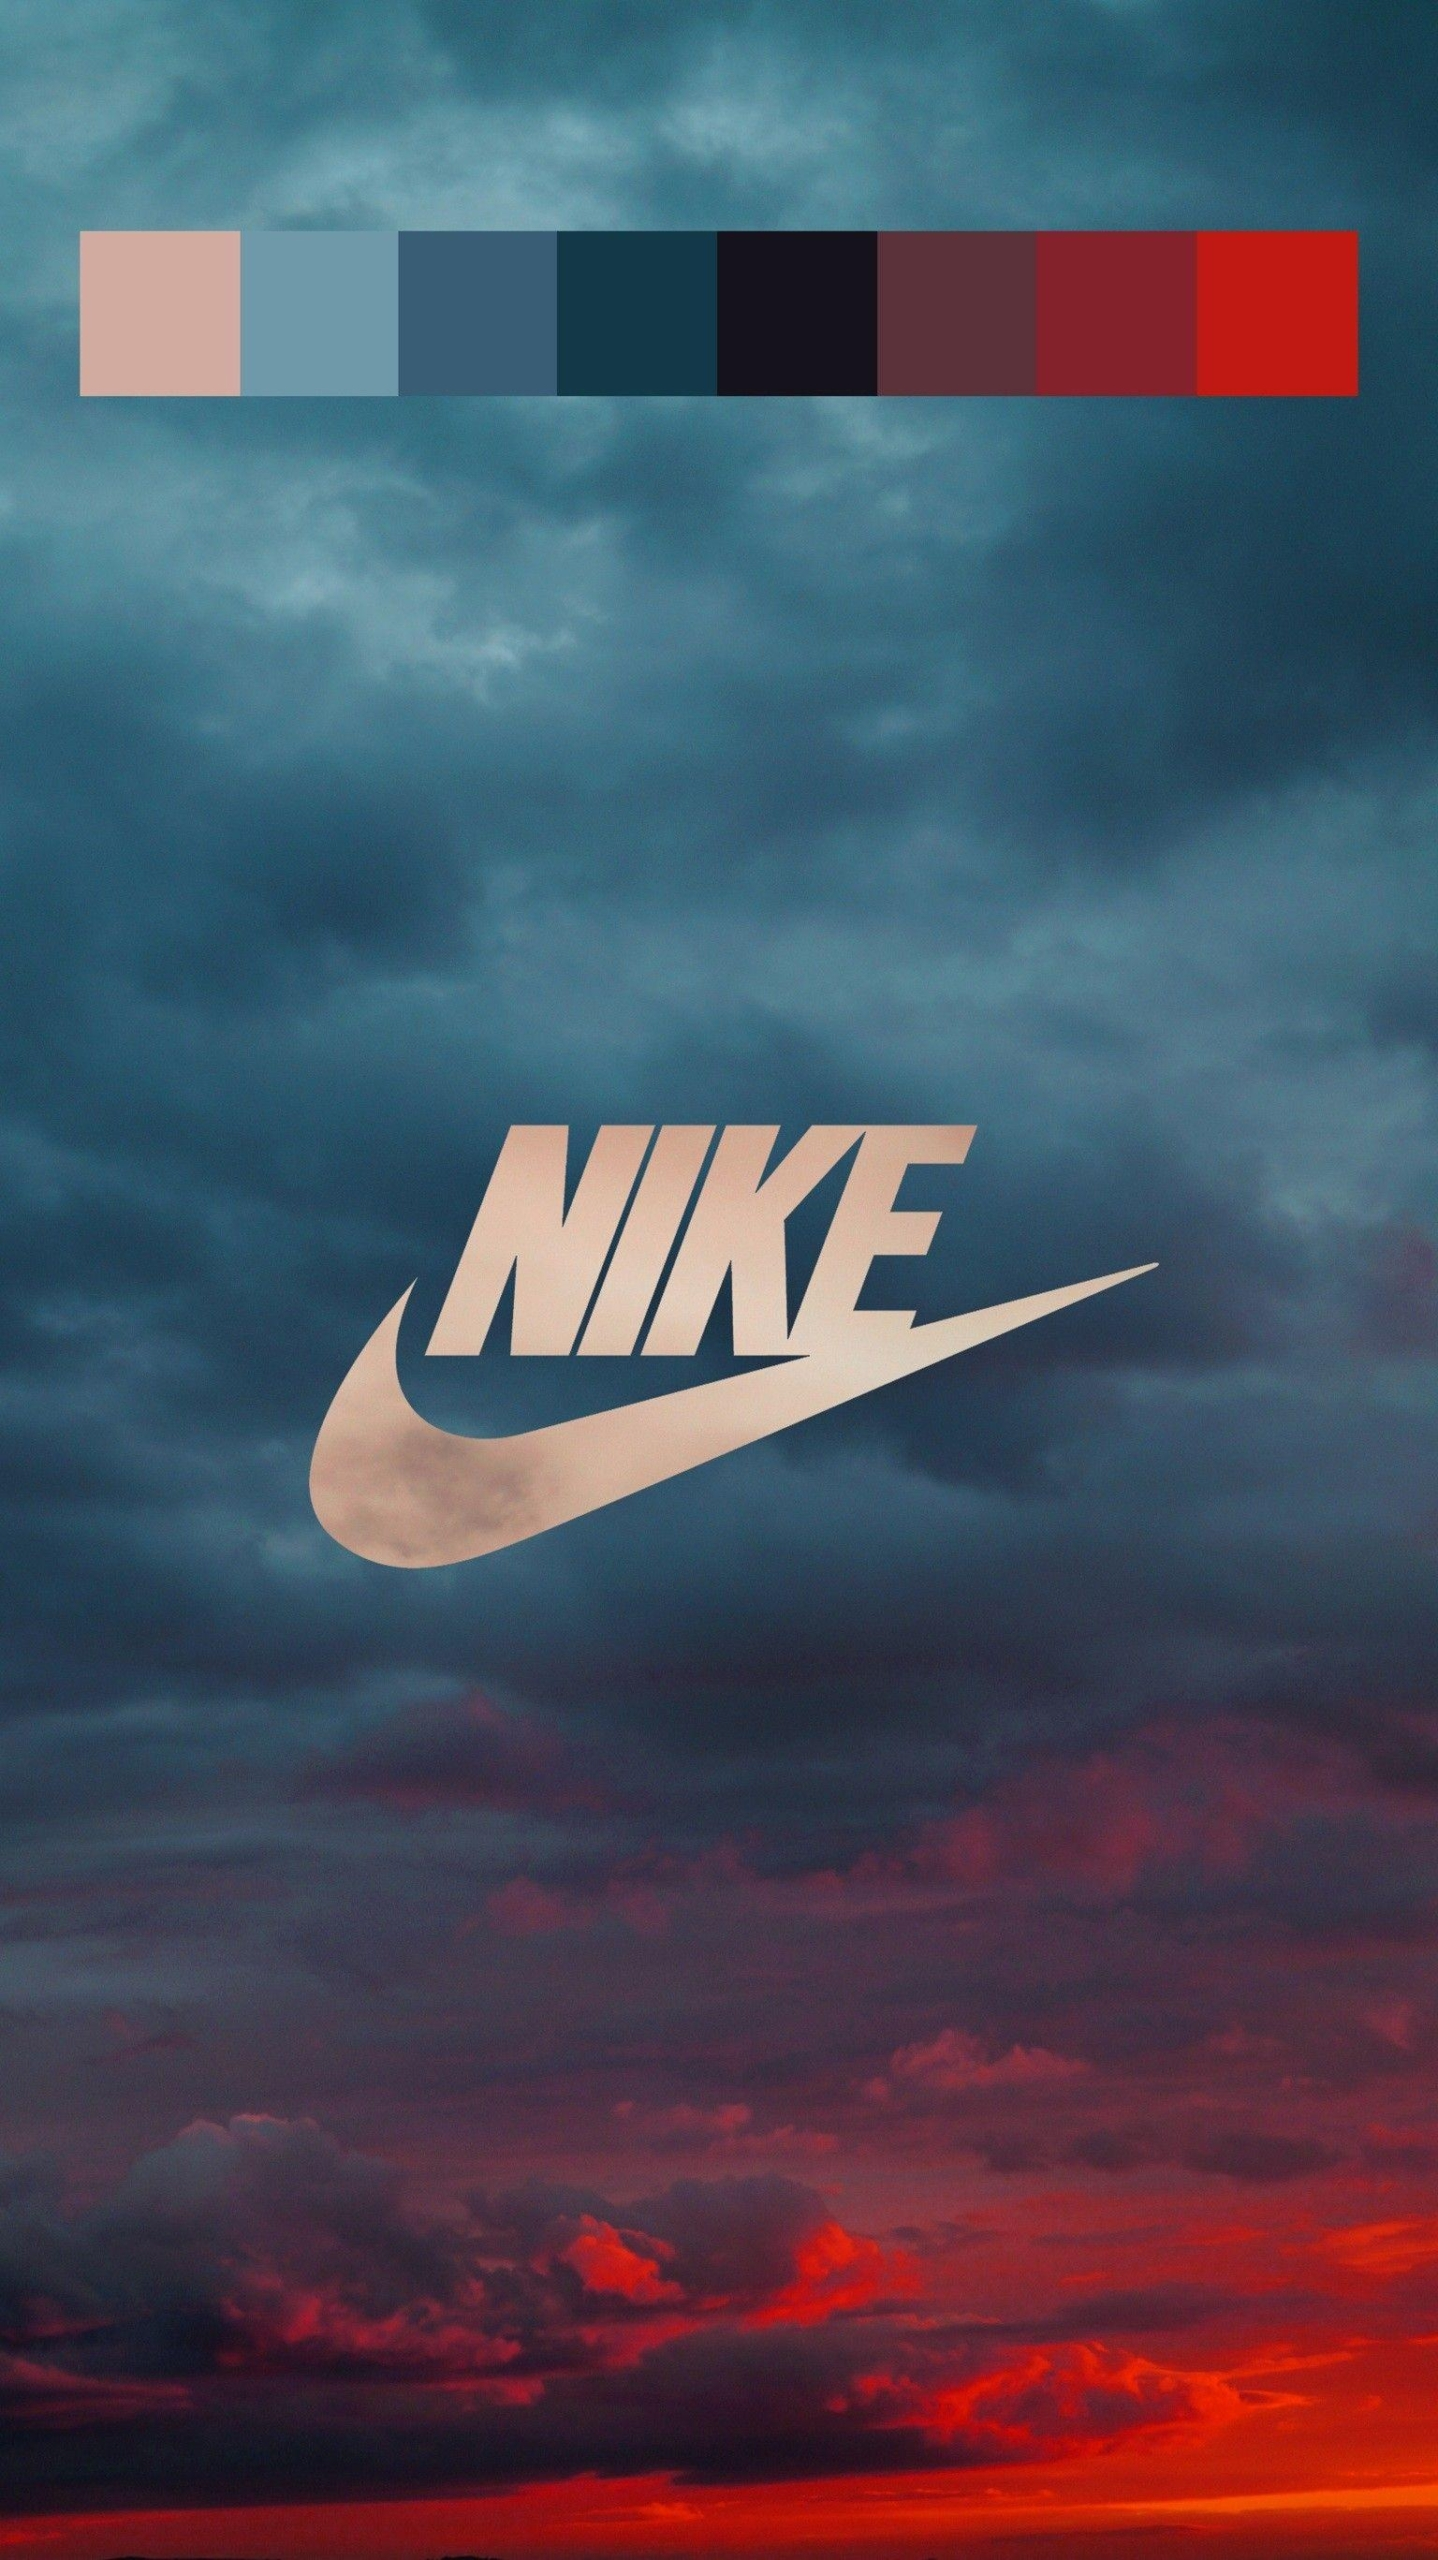 Nike HD Wallpaper Quality Design for Desktops